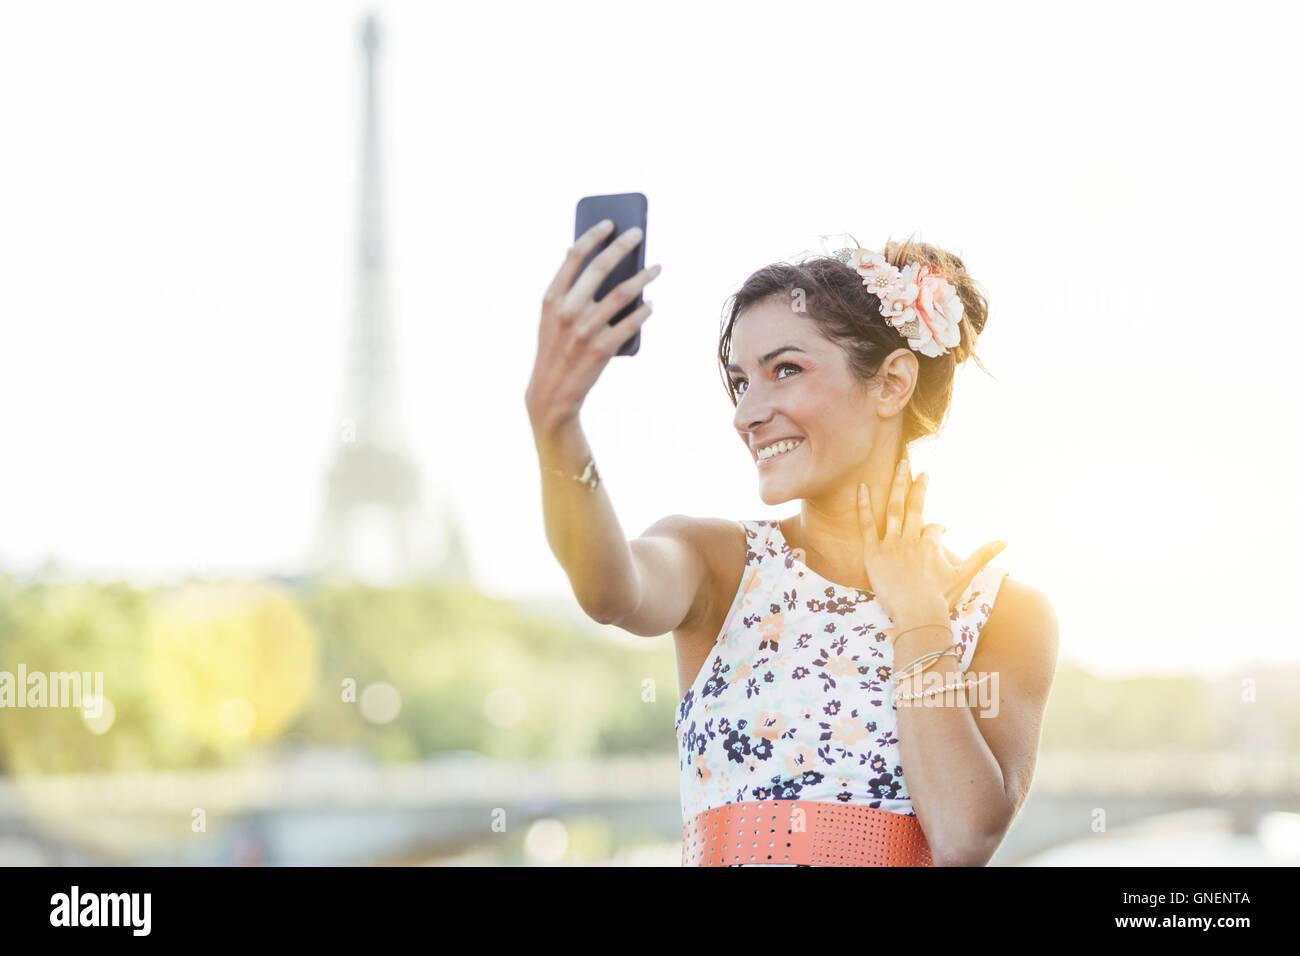 París, Mujer haciendo un selfie con Torre Eiffel en segundo plano. Imagen De Stock